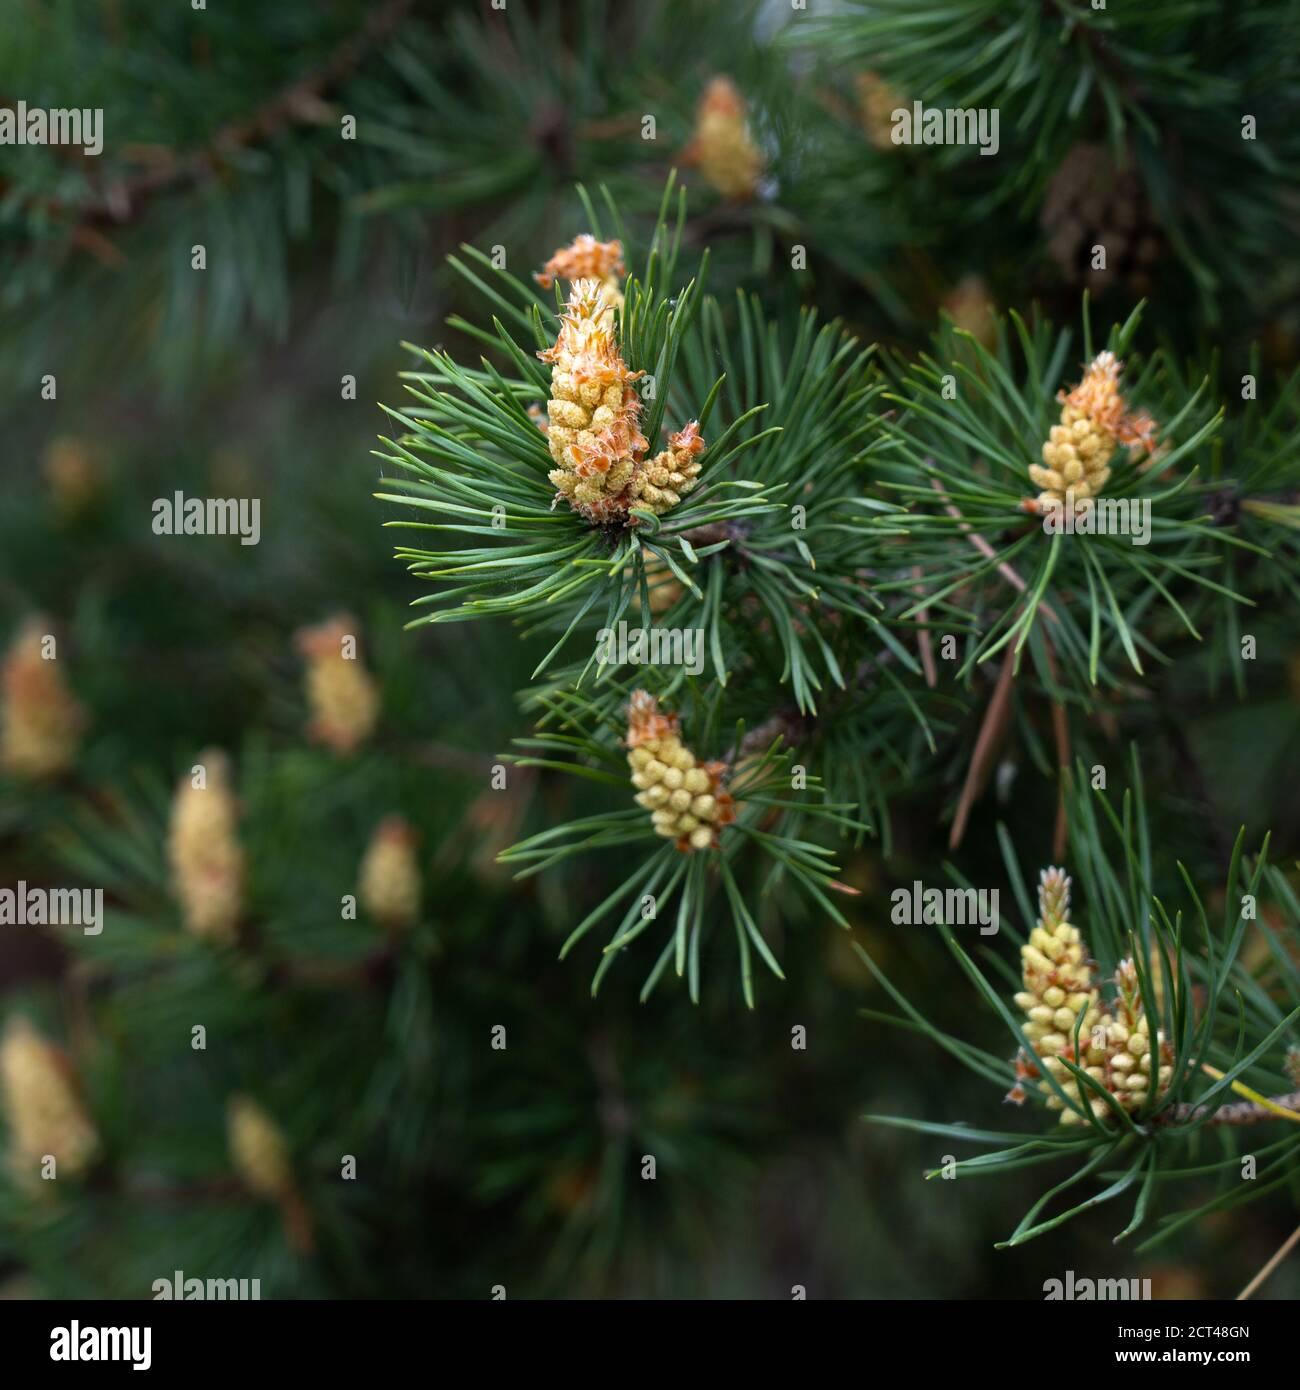 Bourgeons de pin. Un nouveau germe sur une branche de pin. Macro DOF peu profonde Banque D'Images